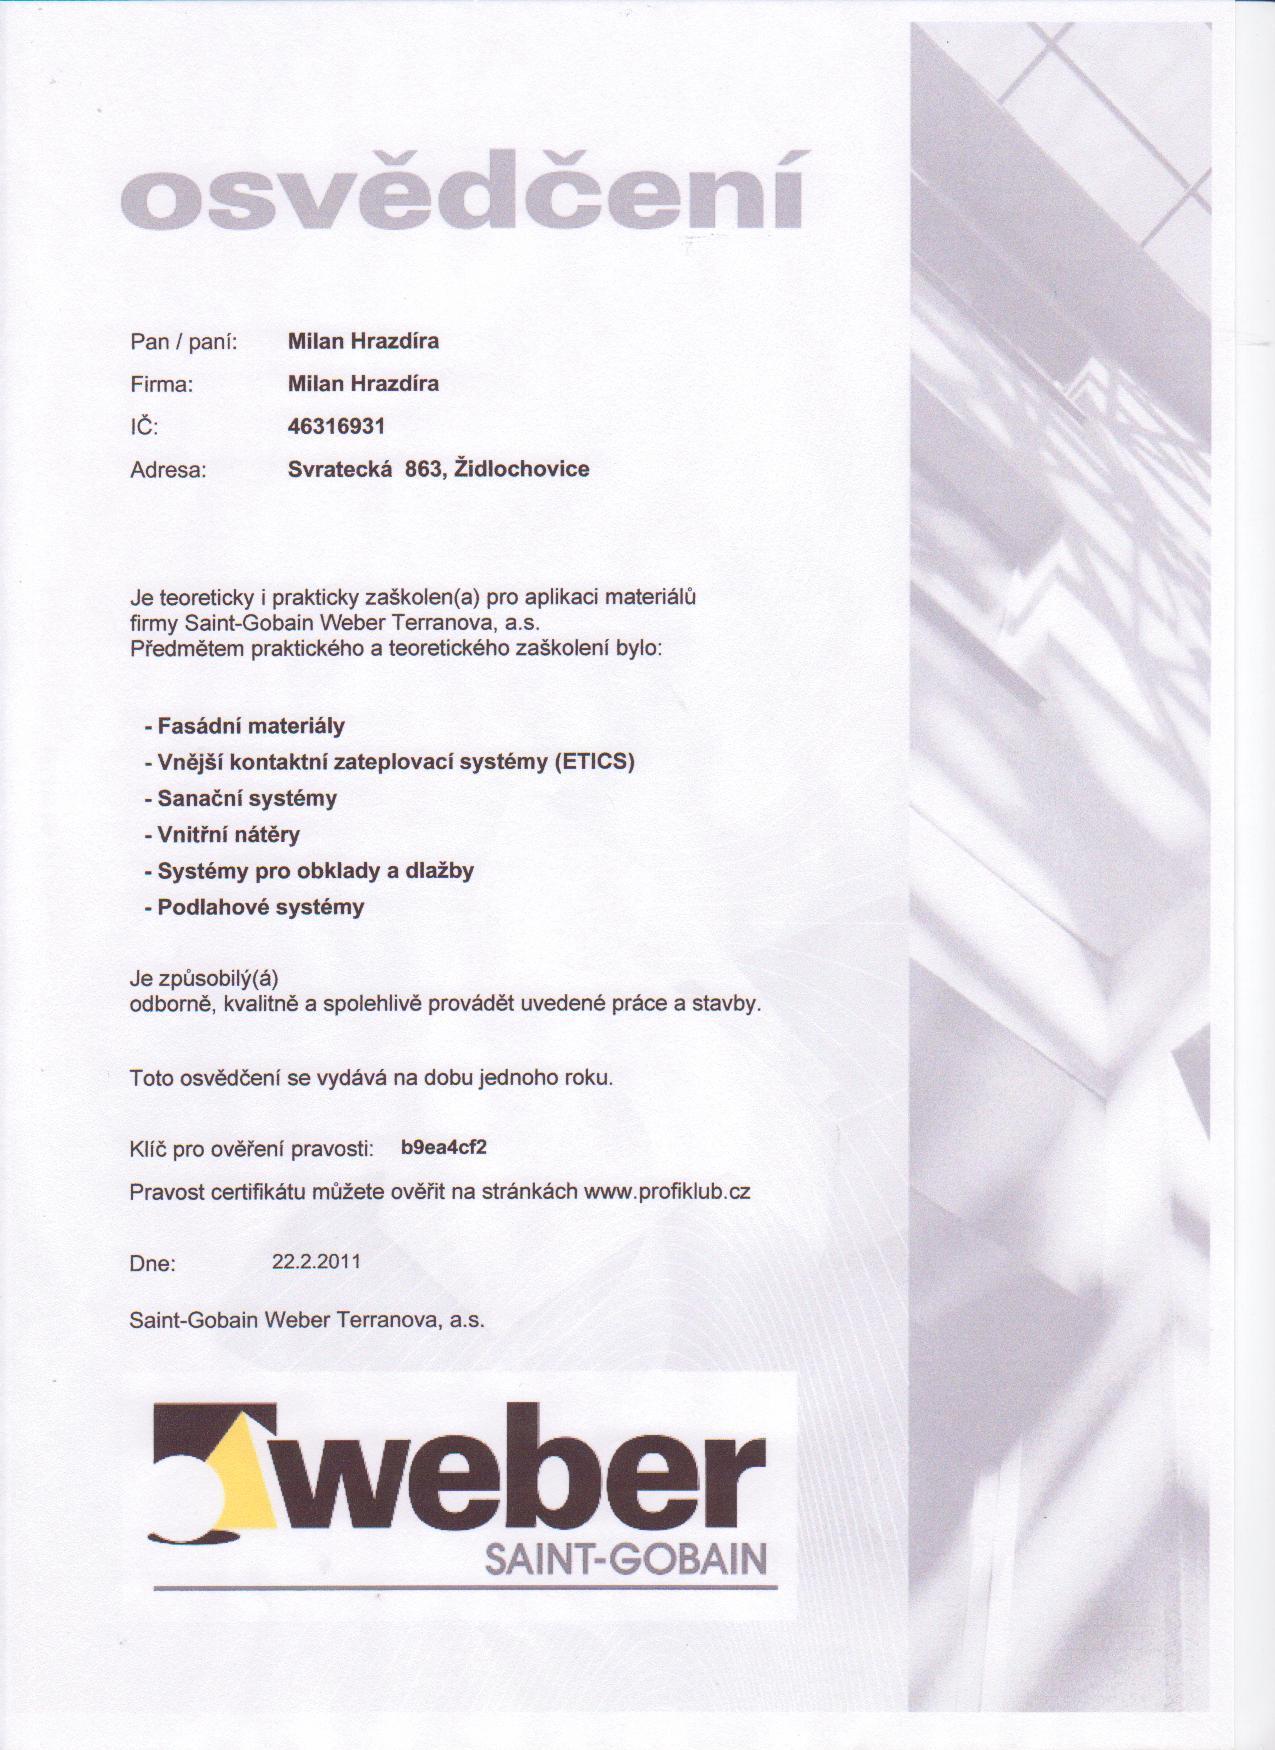 Osvědčení WEBER